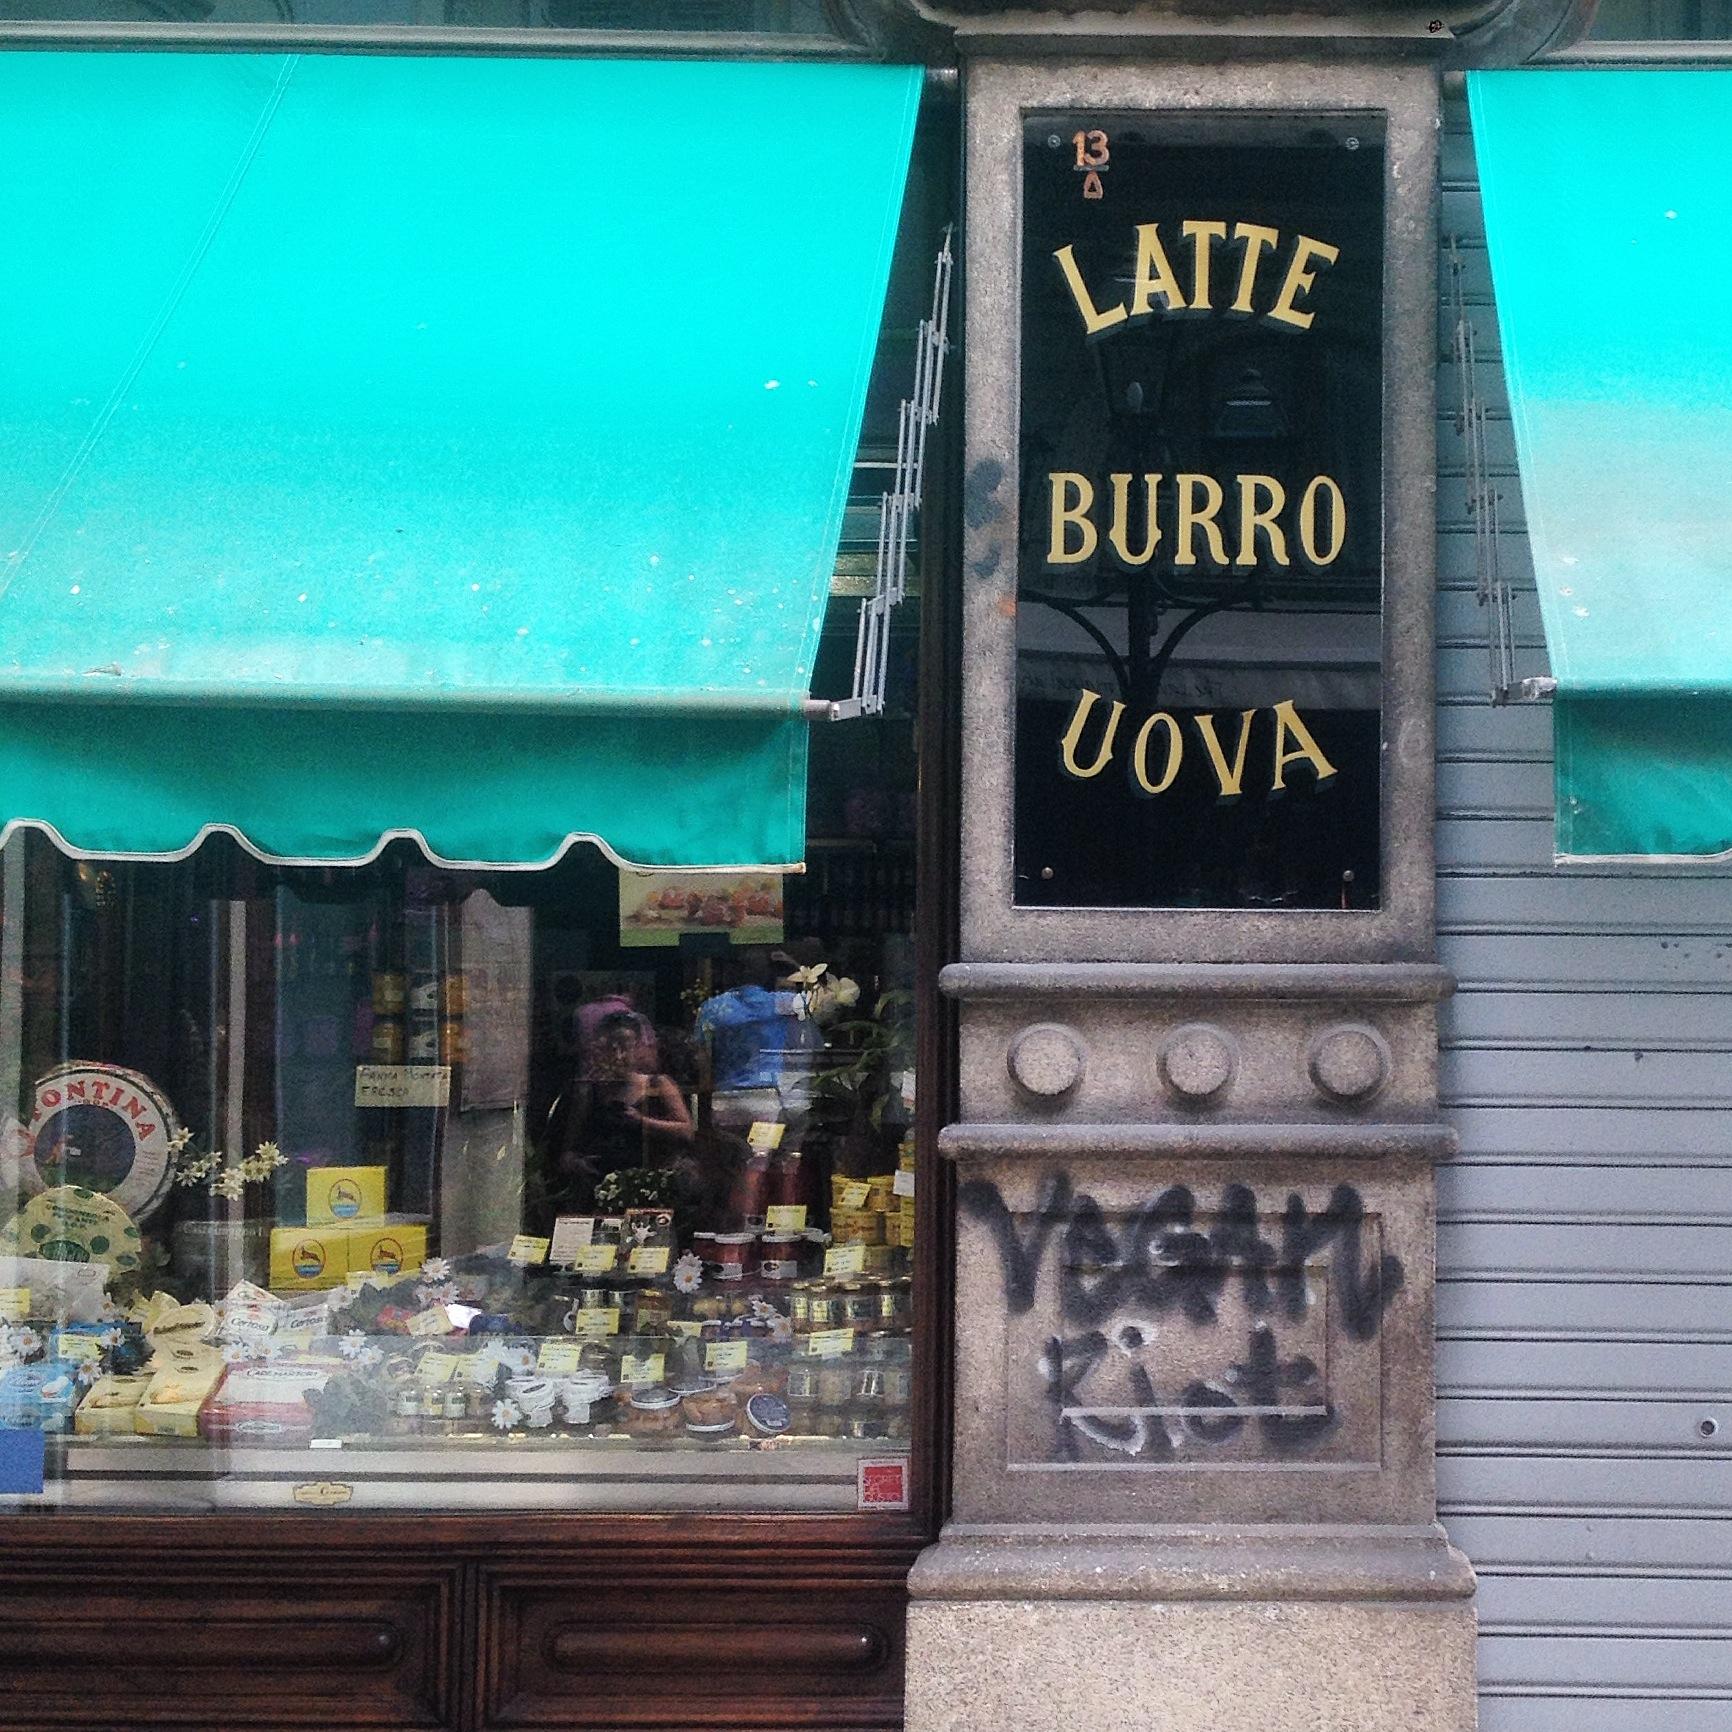 Latte Burro Uova